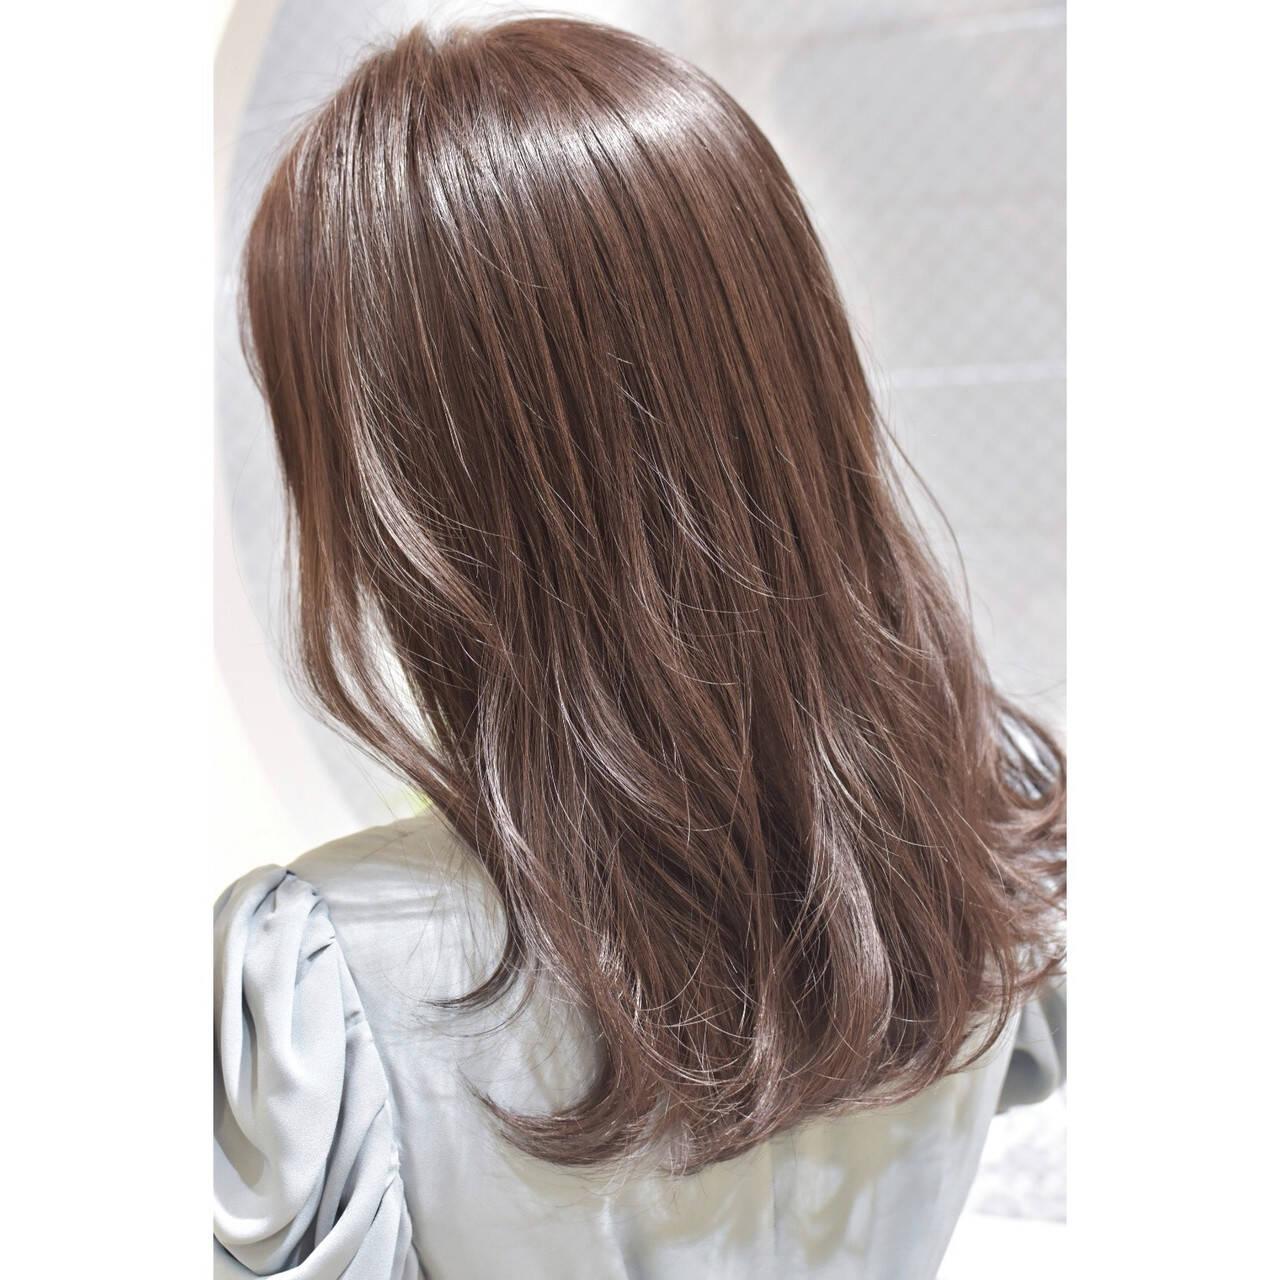 ミルクティーベージュ フェミニン セミロング ミルクティーグレージュヘアスタイルや髪型の写真・画像